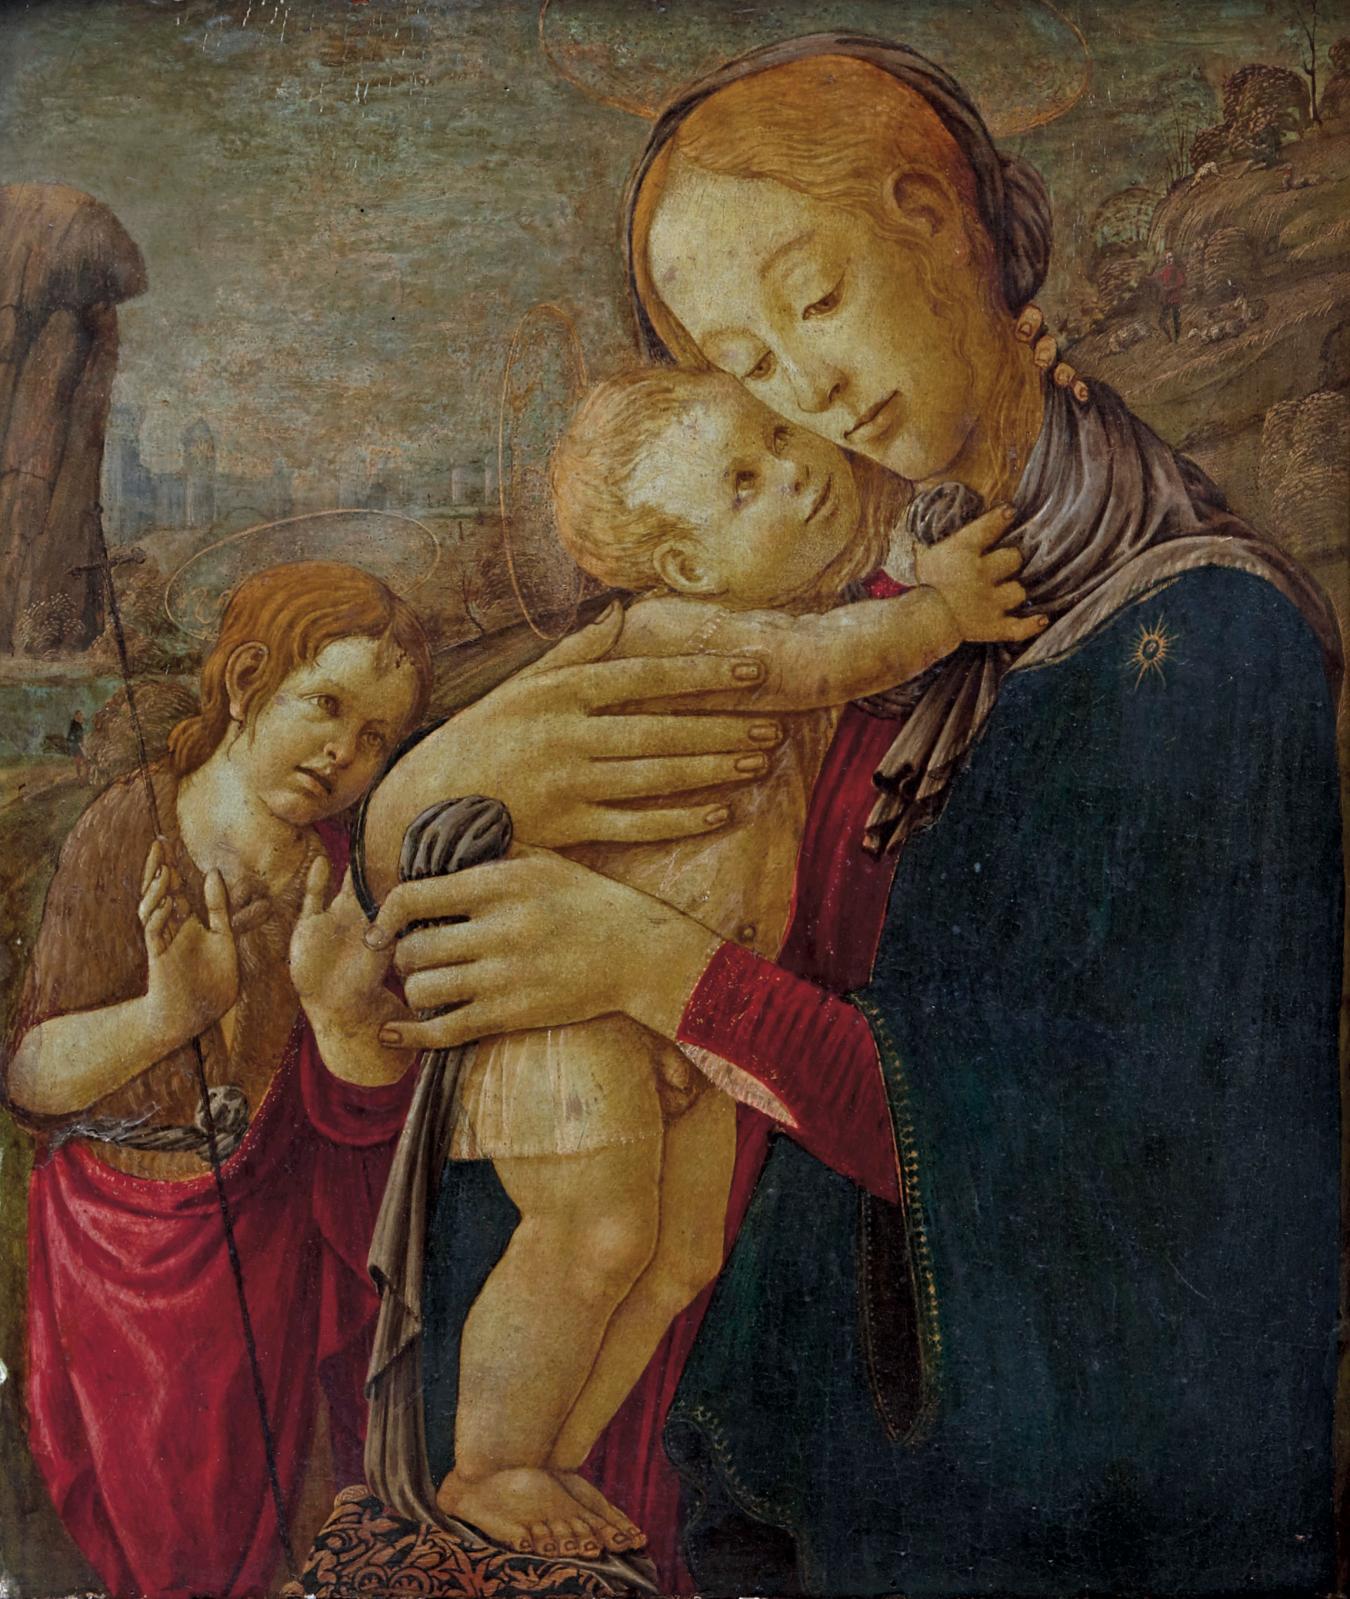 Selon Vasari, le Florentin Jacopo del Arcangelo del Sellaio (1422-1493) a fait son apprentissage dans l'atelier de Filippo Lippi où il a dû croiser Sa